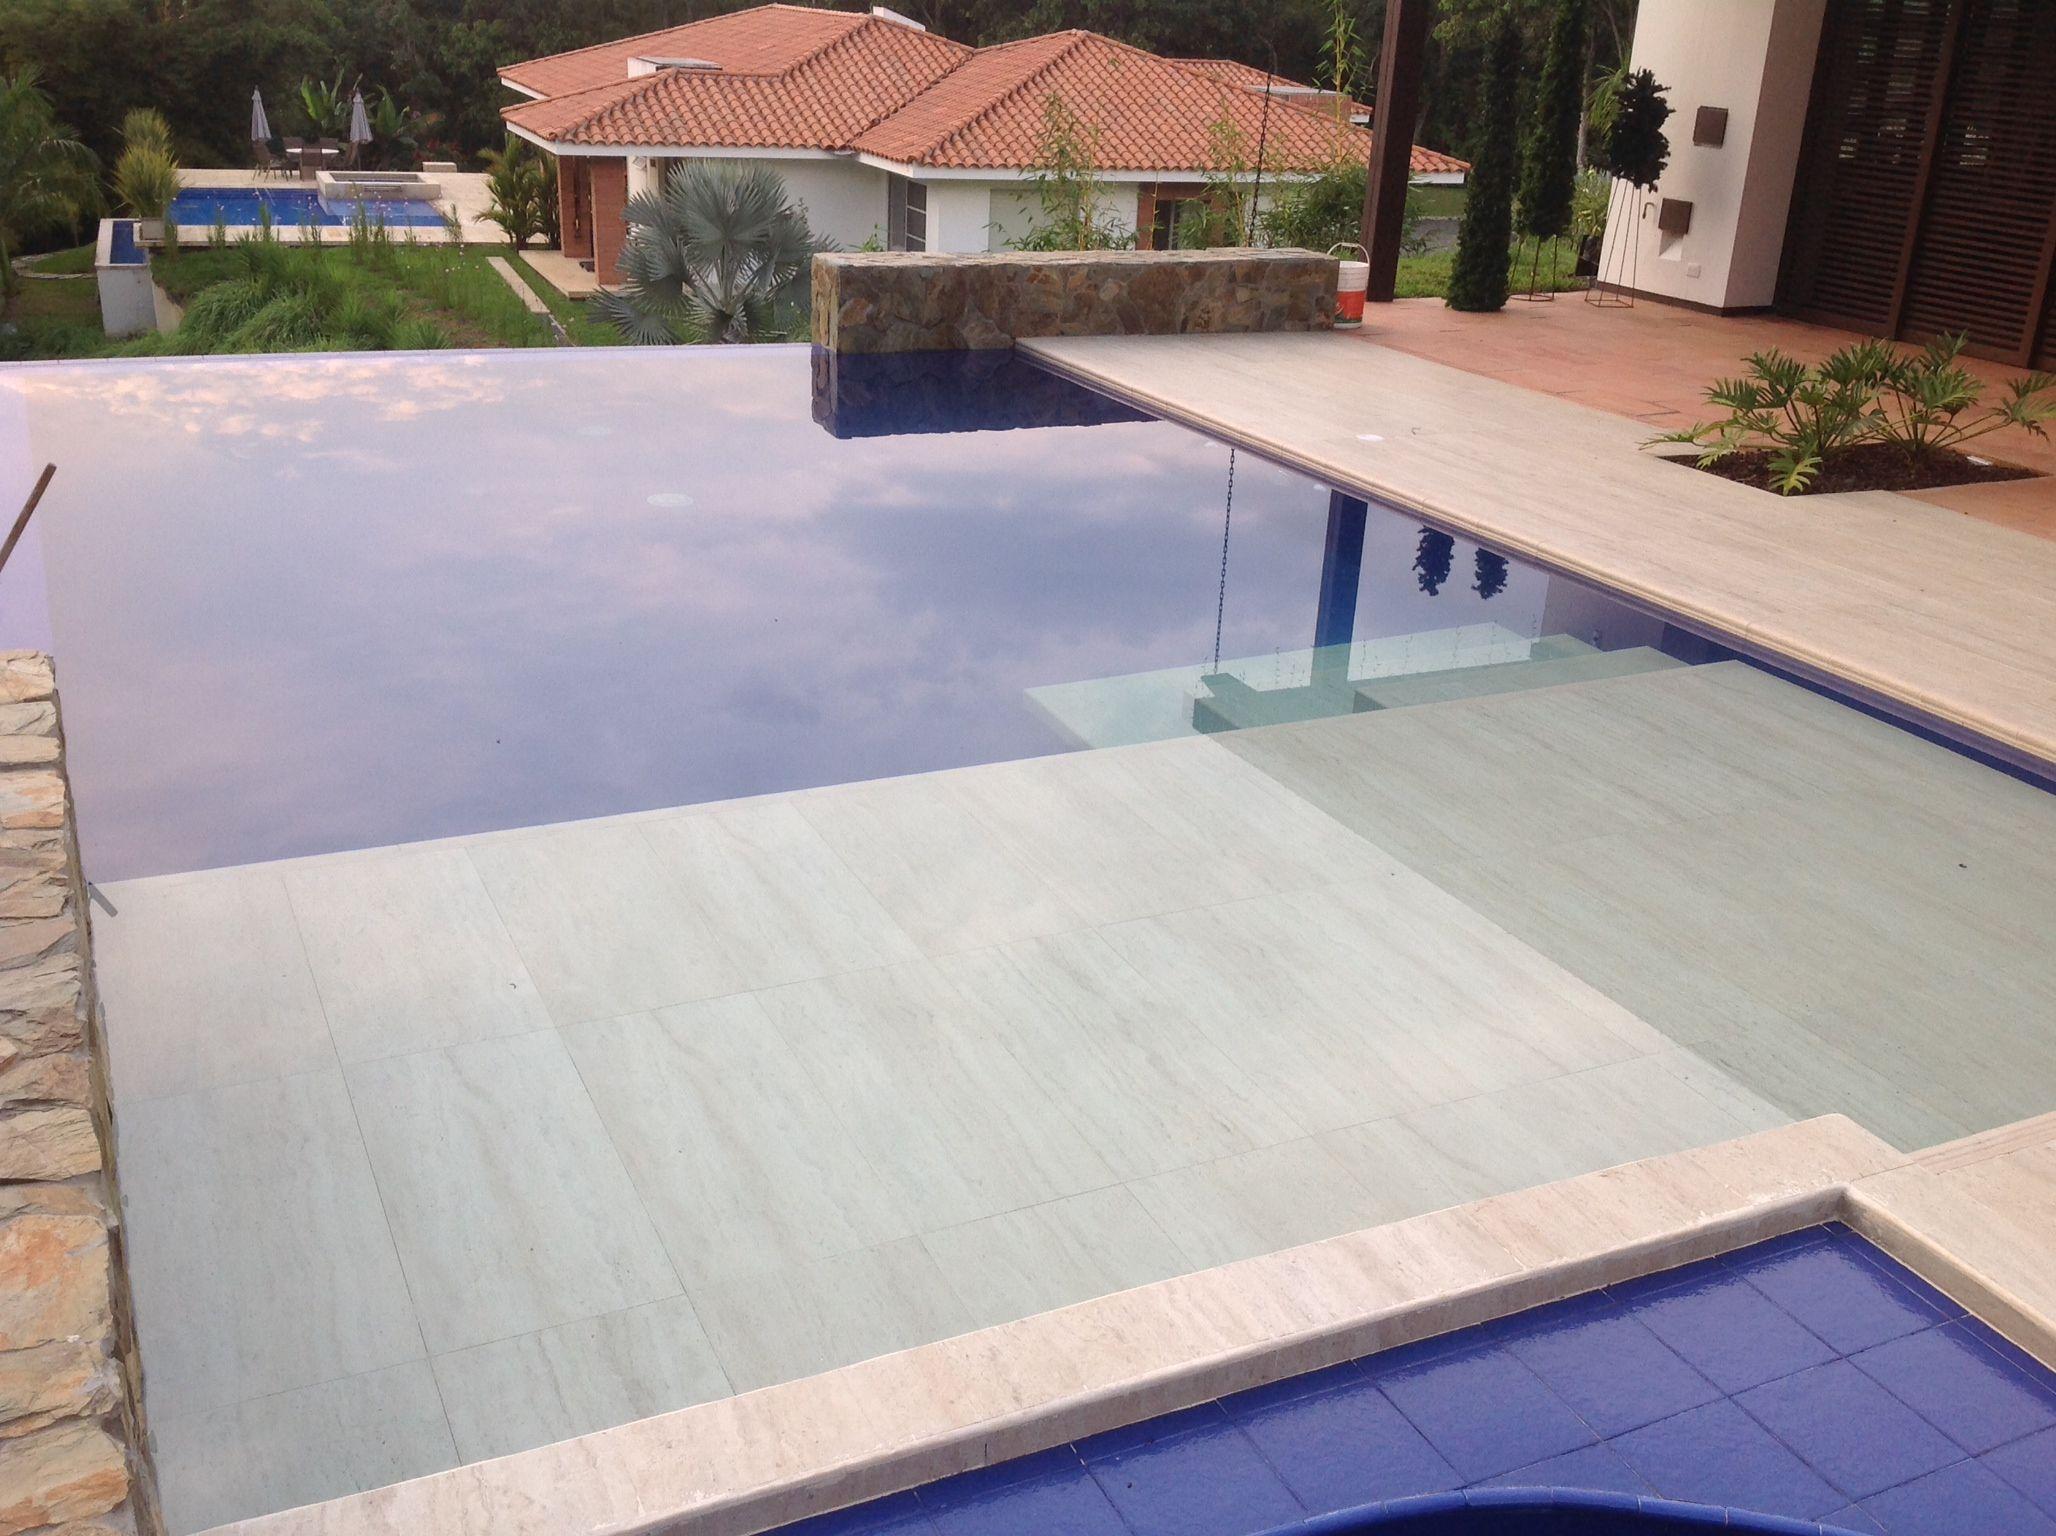 Piscina con jacuzzi en horizonte perdido propiscinas - Comprar piscina prefabricada ...